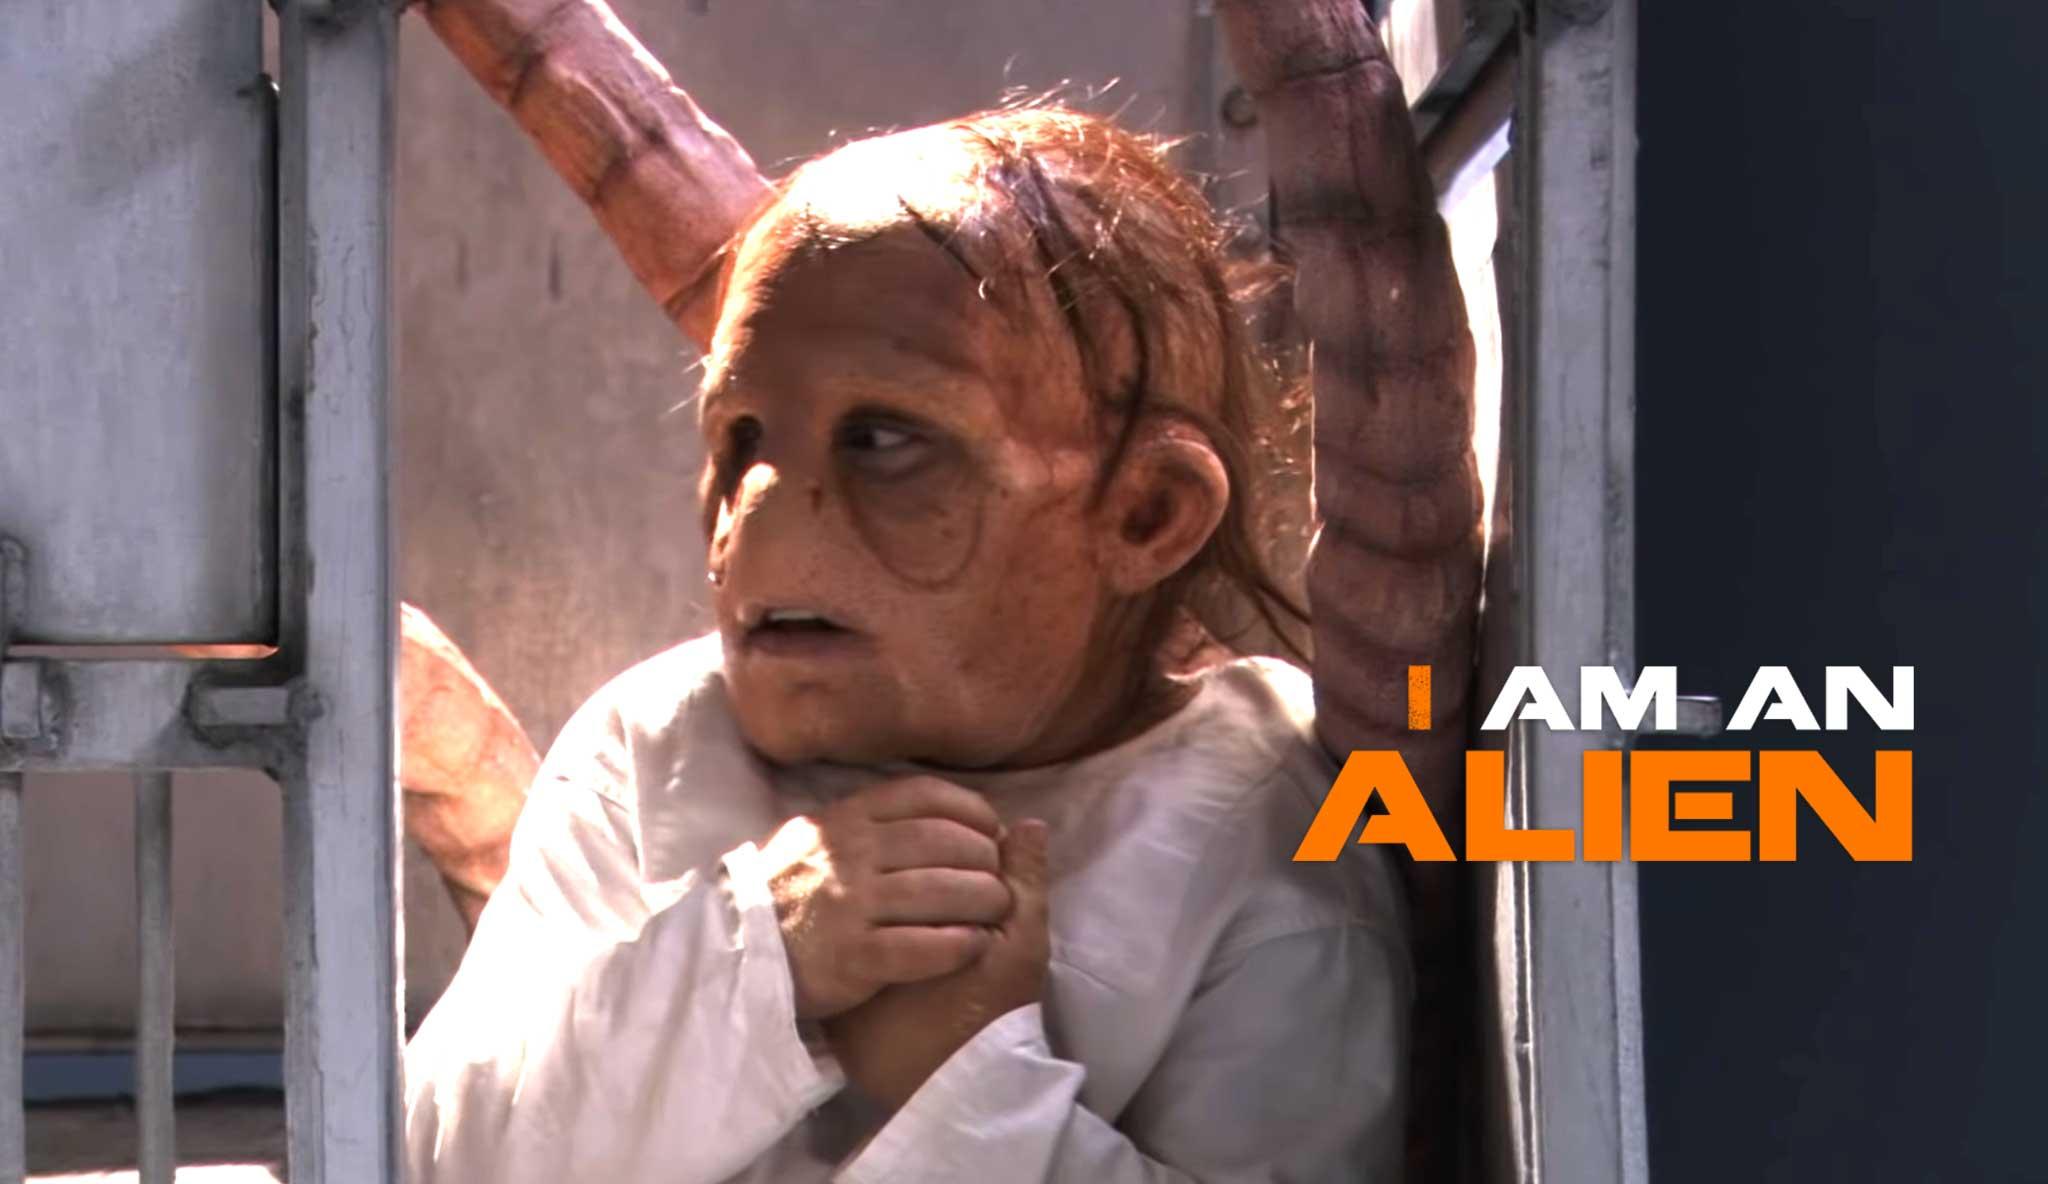 i-am-an-alien\header.jpg